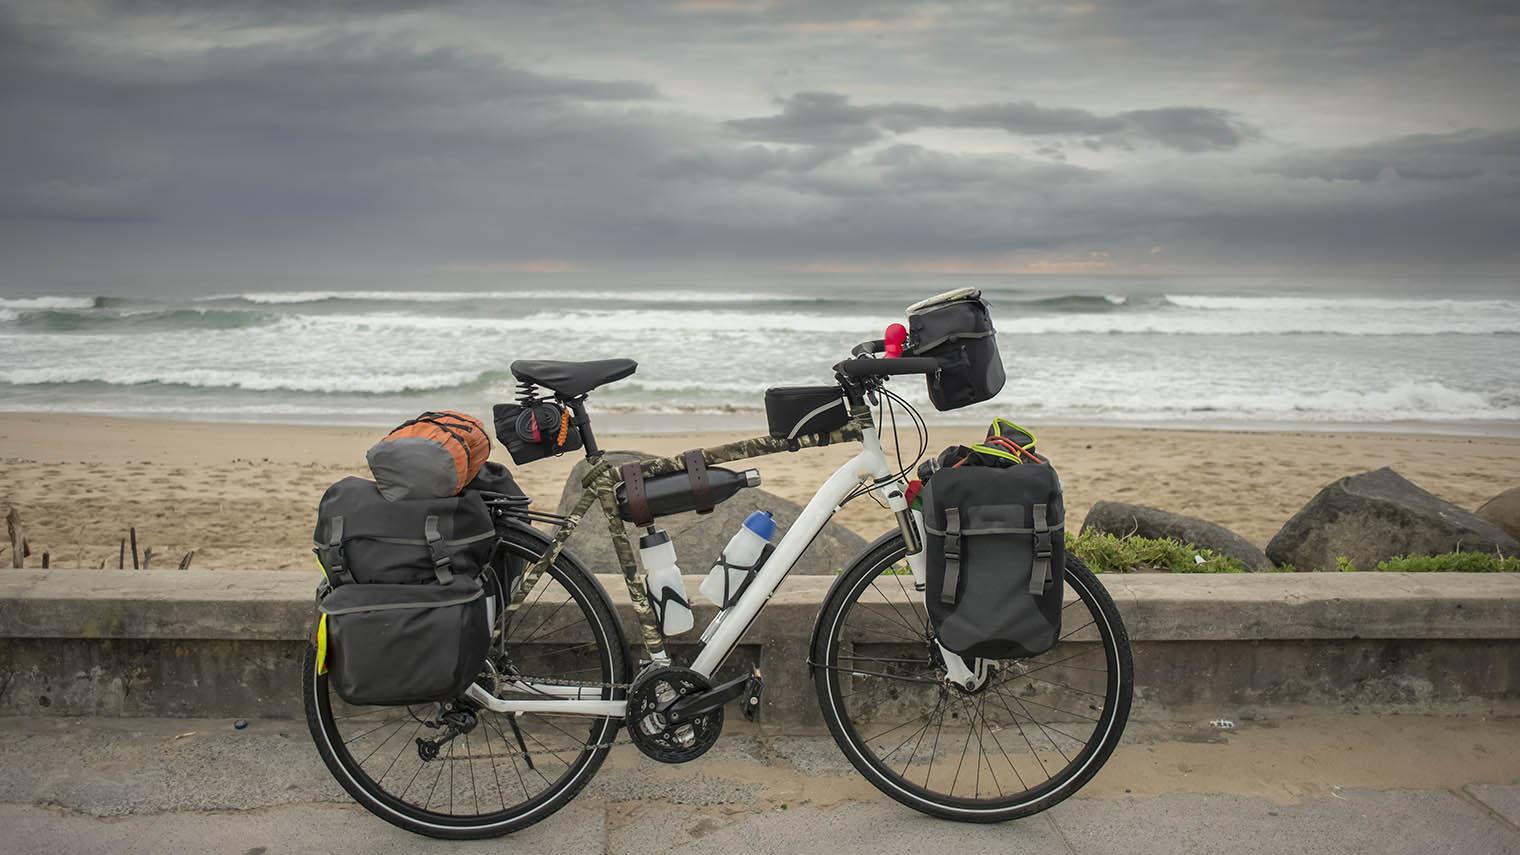 975625bdc79 Fietsaccessoire: fietstas, fietsmand en fietskrat | ANWB